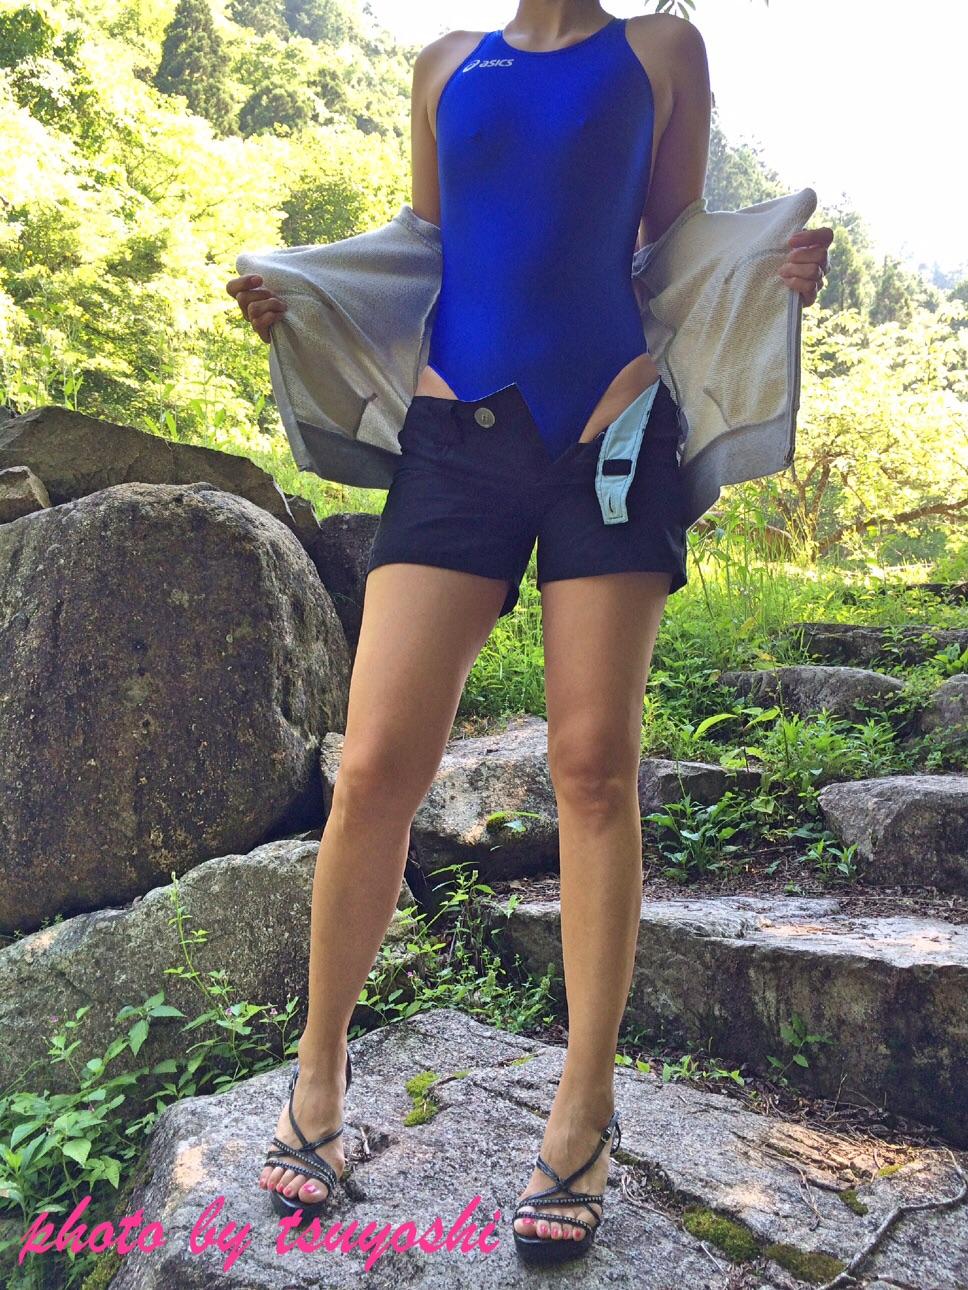 【競泳水着エロ画像】豊満なほどに腋からハミ出す柔肉!ポチも出ている競泳水着おっぱいwww 07